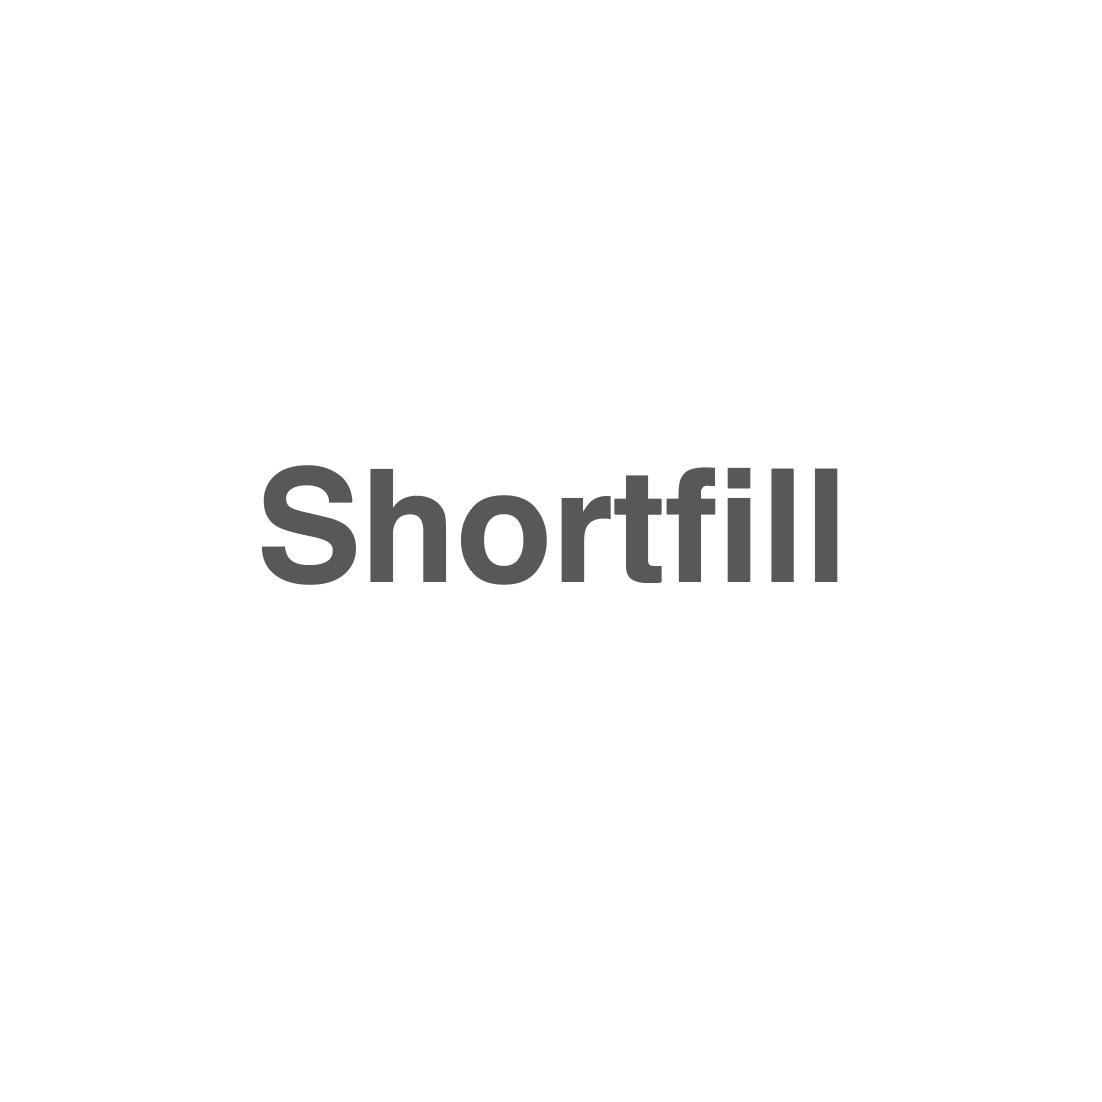 Shortfill